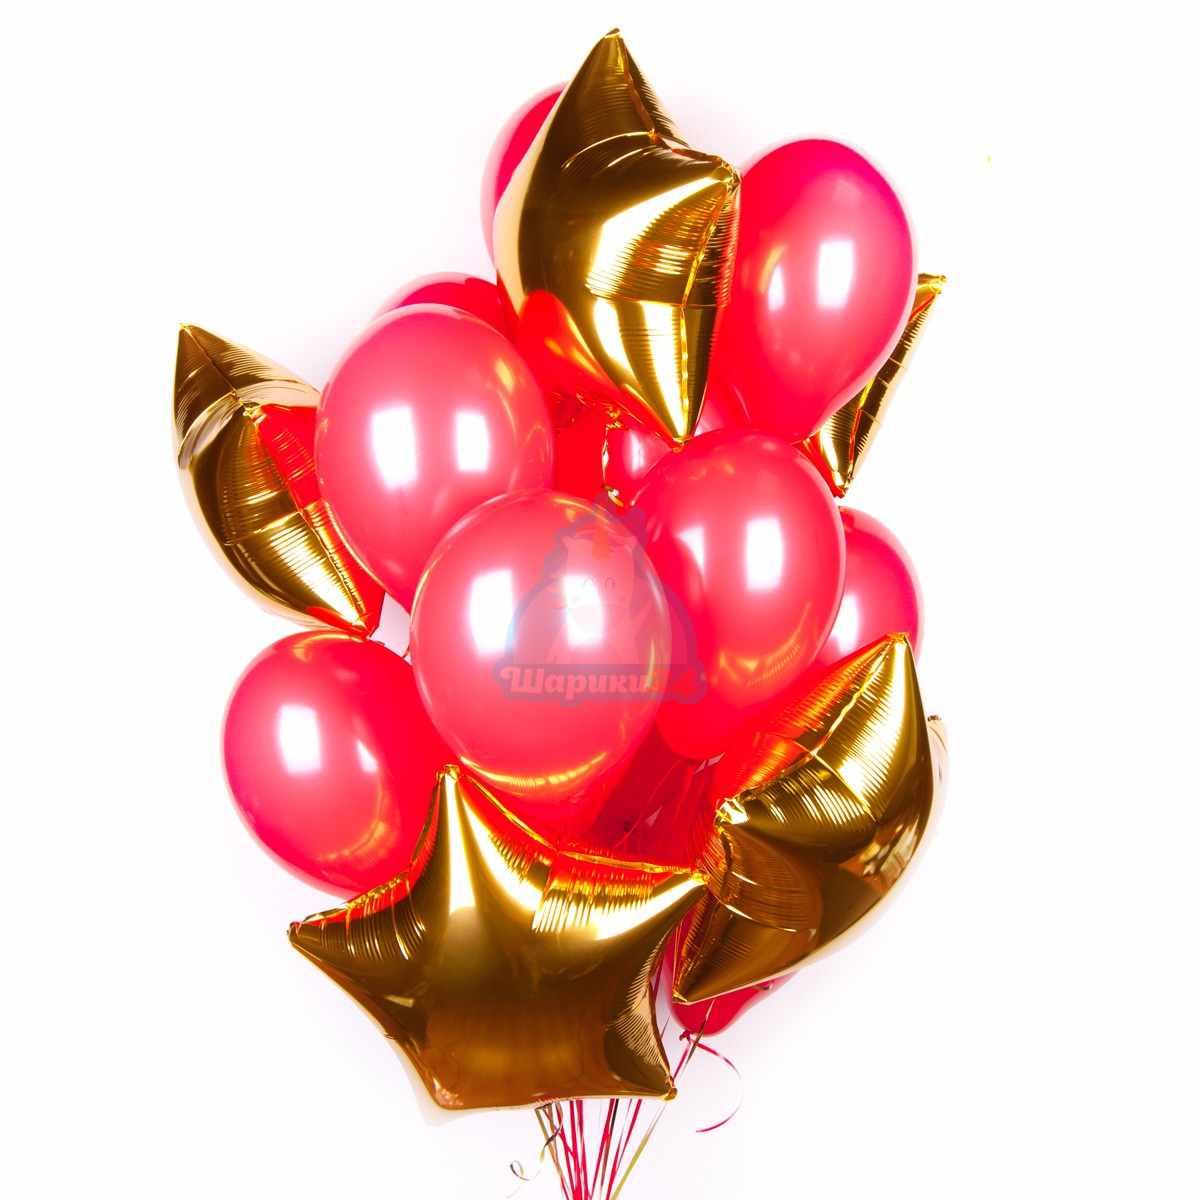 Облако красных шаров с золотыми звездами фото в интернет-магазине Шарики 24